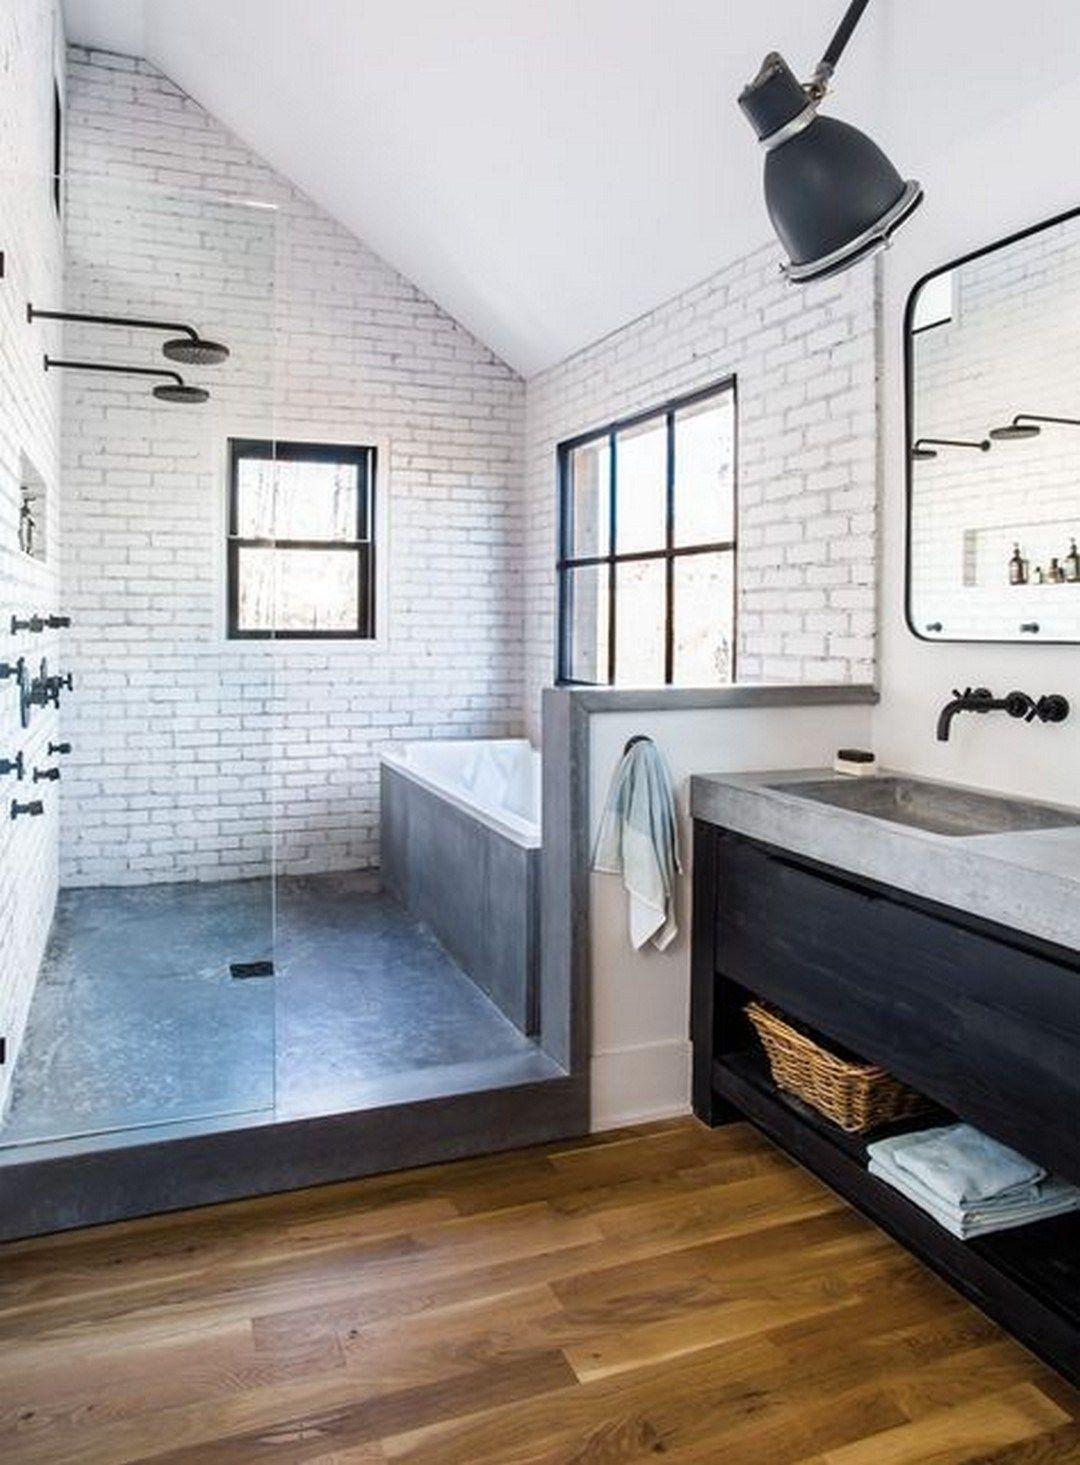 Fantastisch Beautiful Urban Farmhouse Master #bathroom Remodel (45)